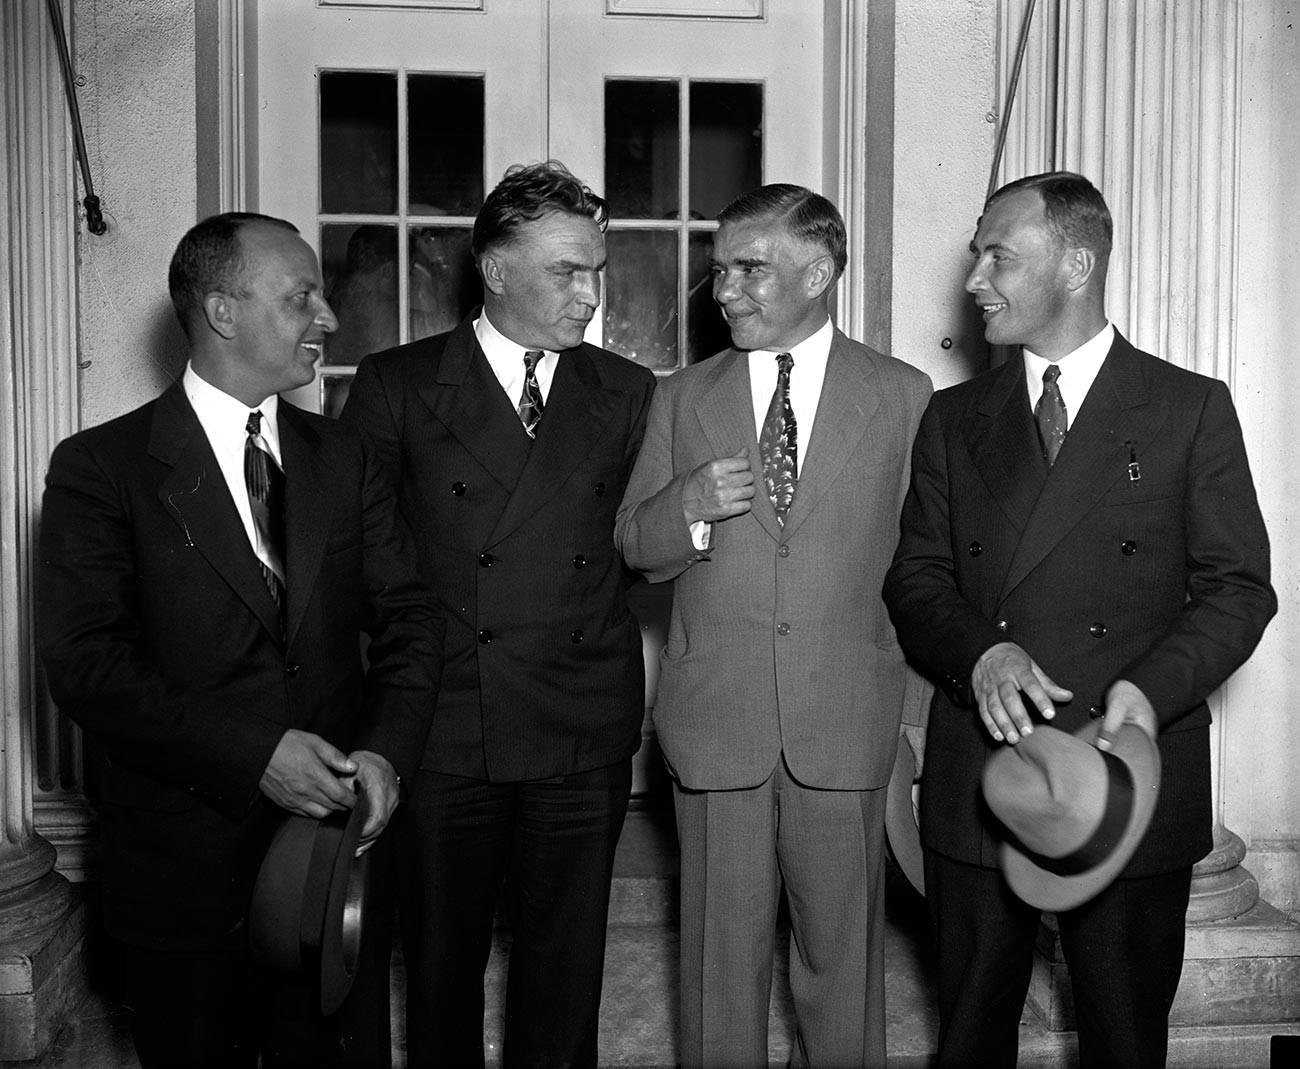 Bajdukov, Čkalov in Beljakov v družbi sovjetskega veleposlanika v ZDA Trojanovskega po sprejemu pri ameriškem predsedniku Rooseveltu v Beli hiši 28. junija 1937